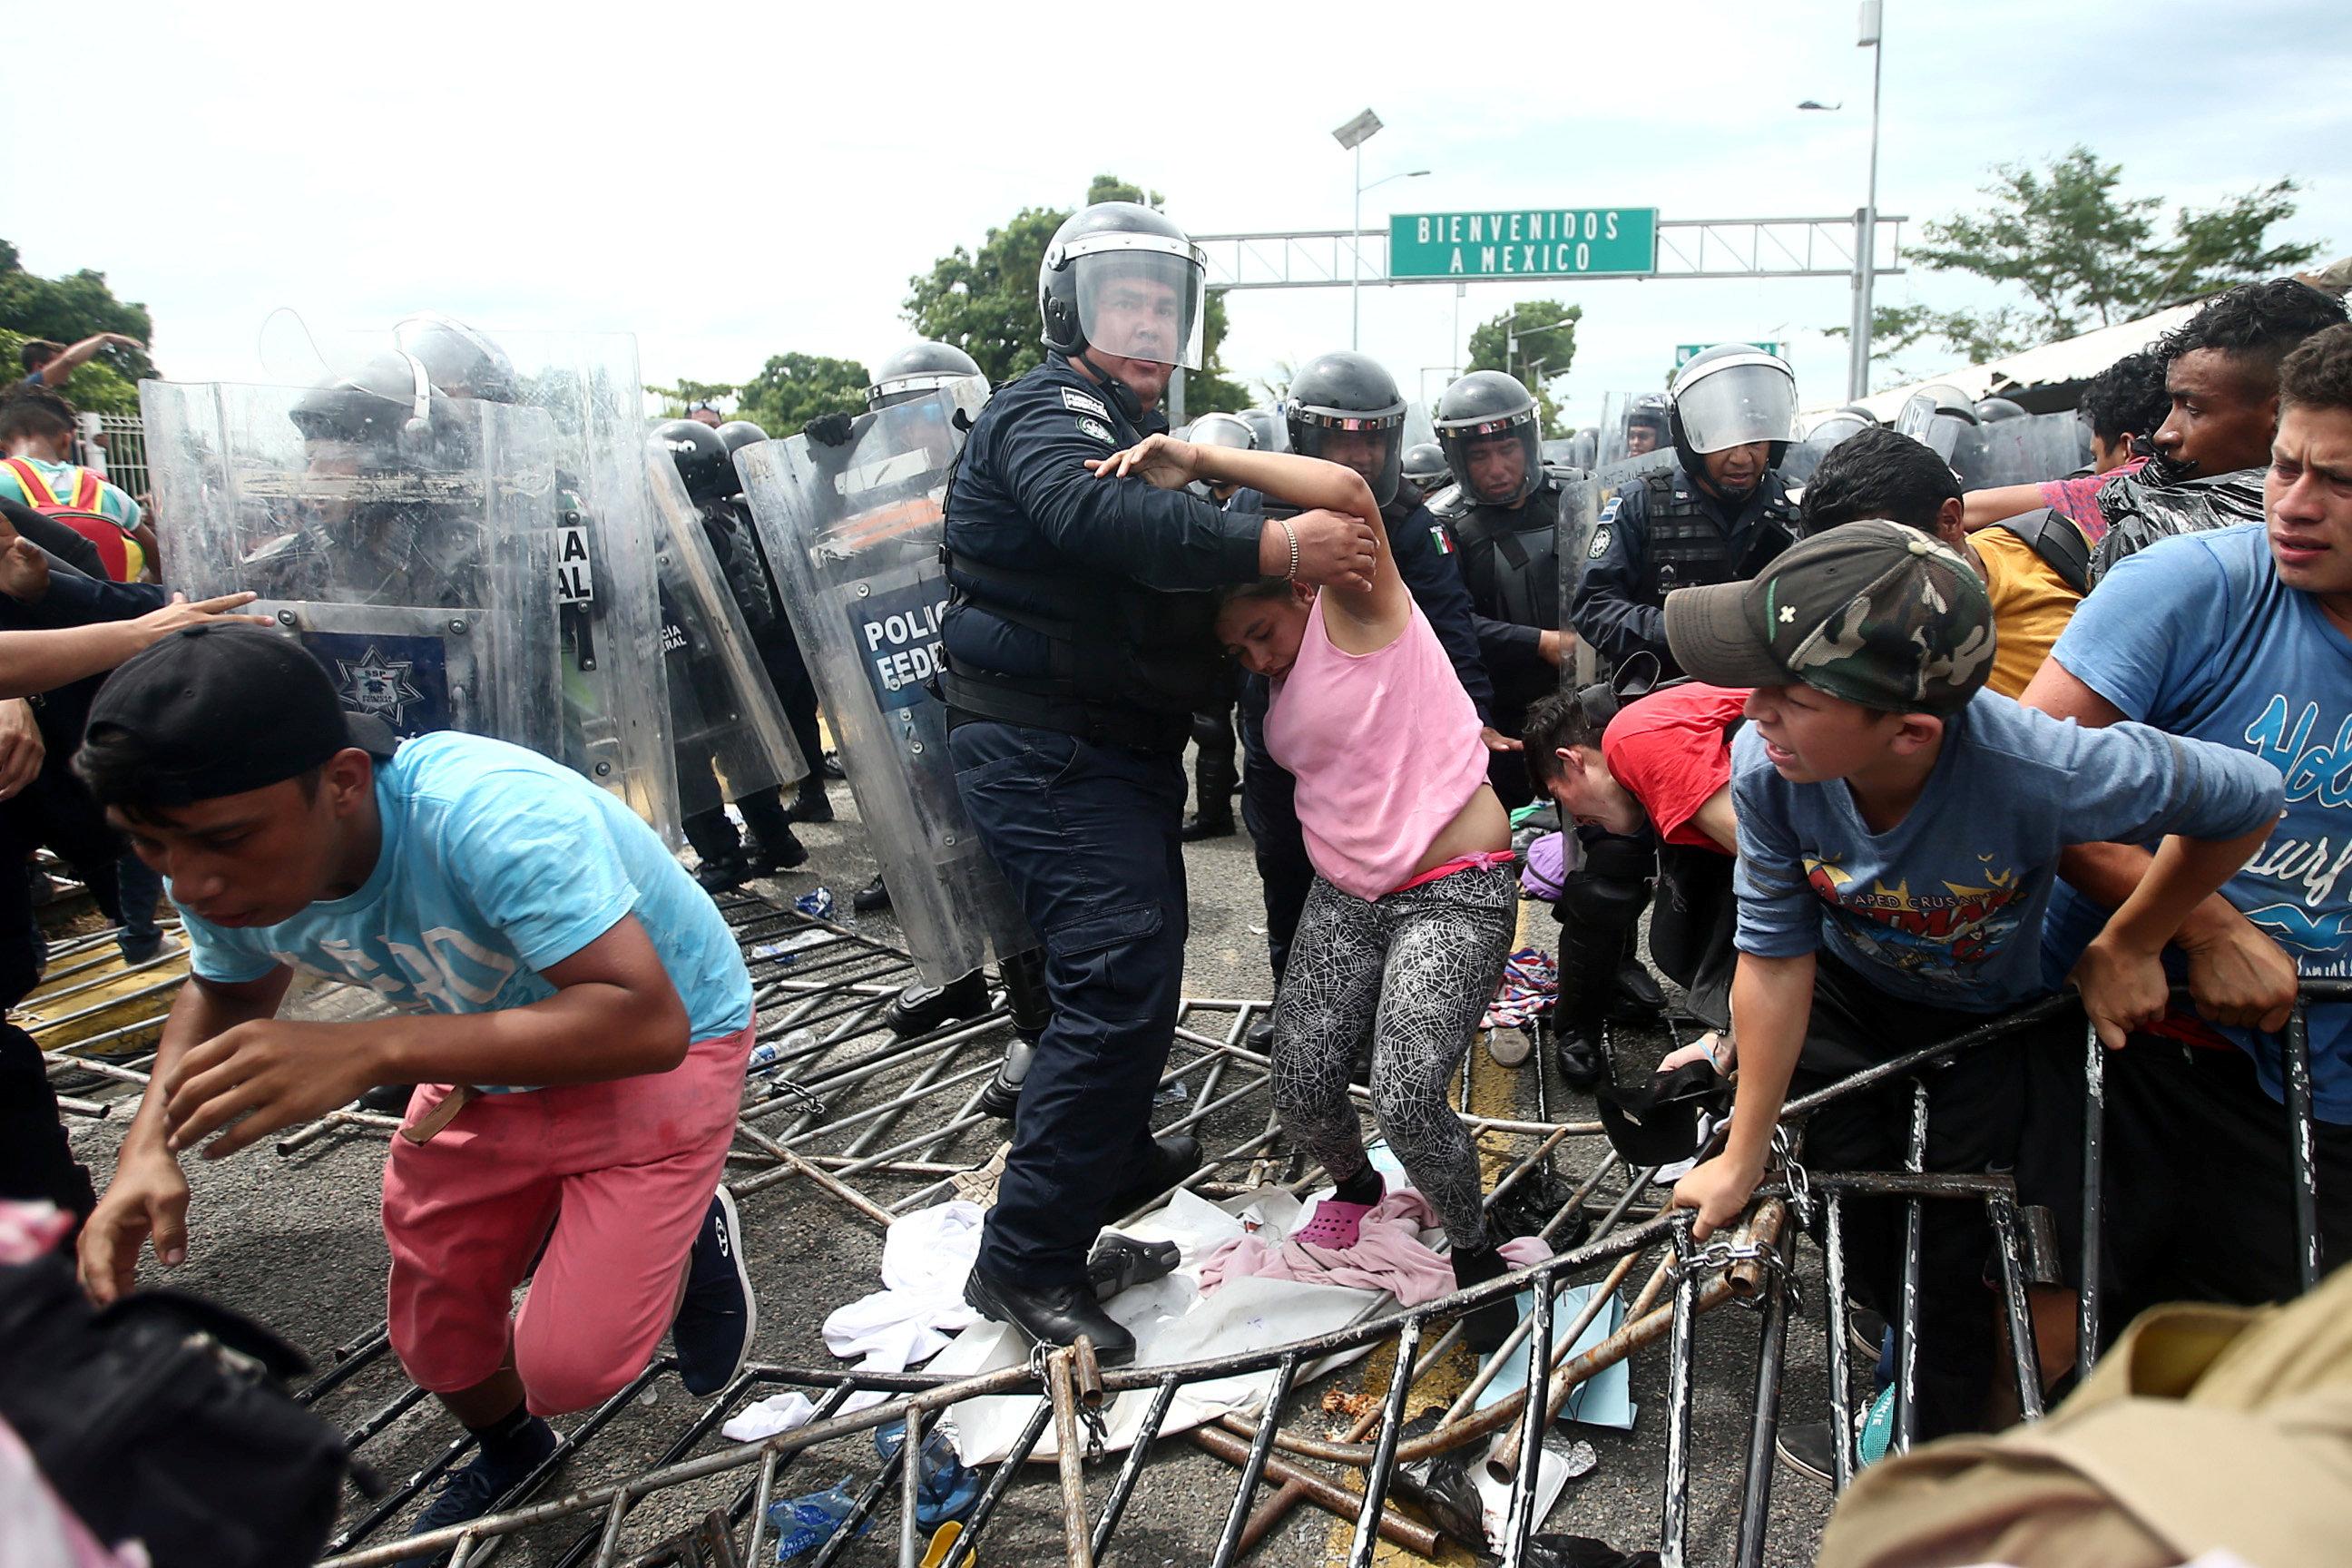 أحد عناصر الشرطة يحاول منع سيدة من العبور إلى جواتيمالا